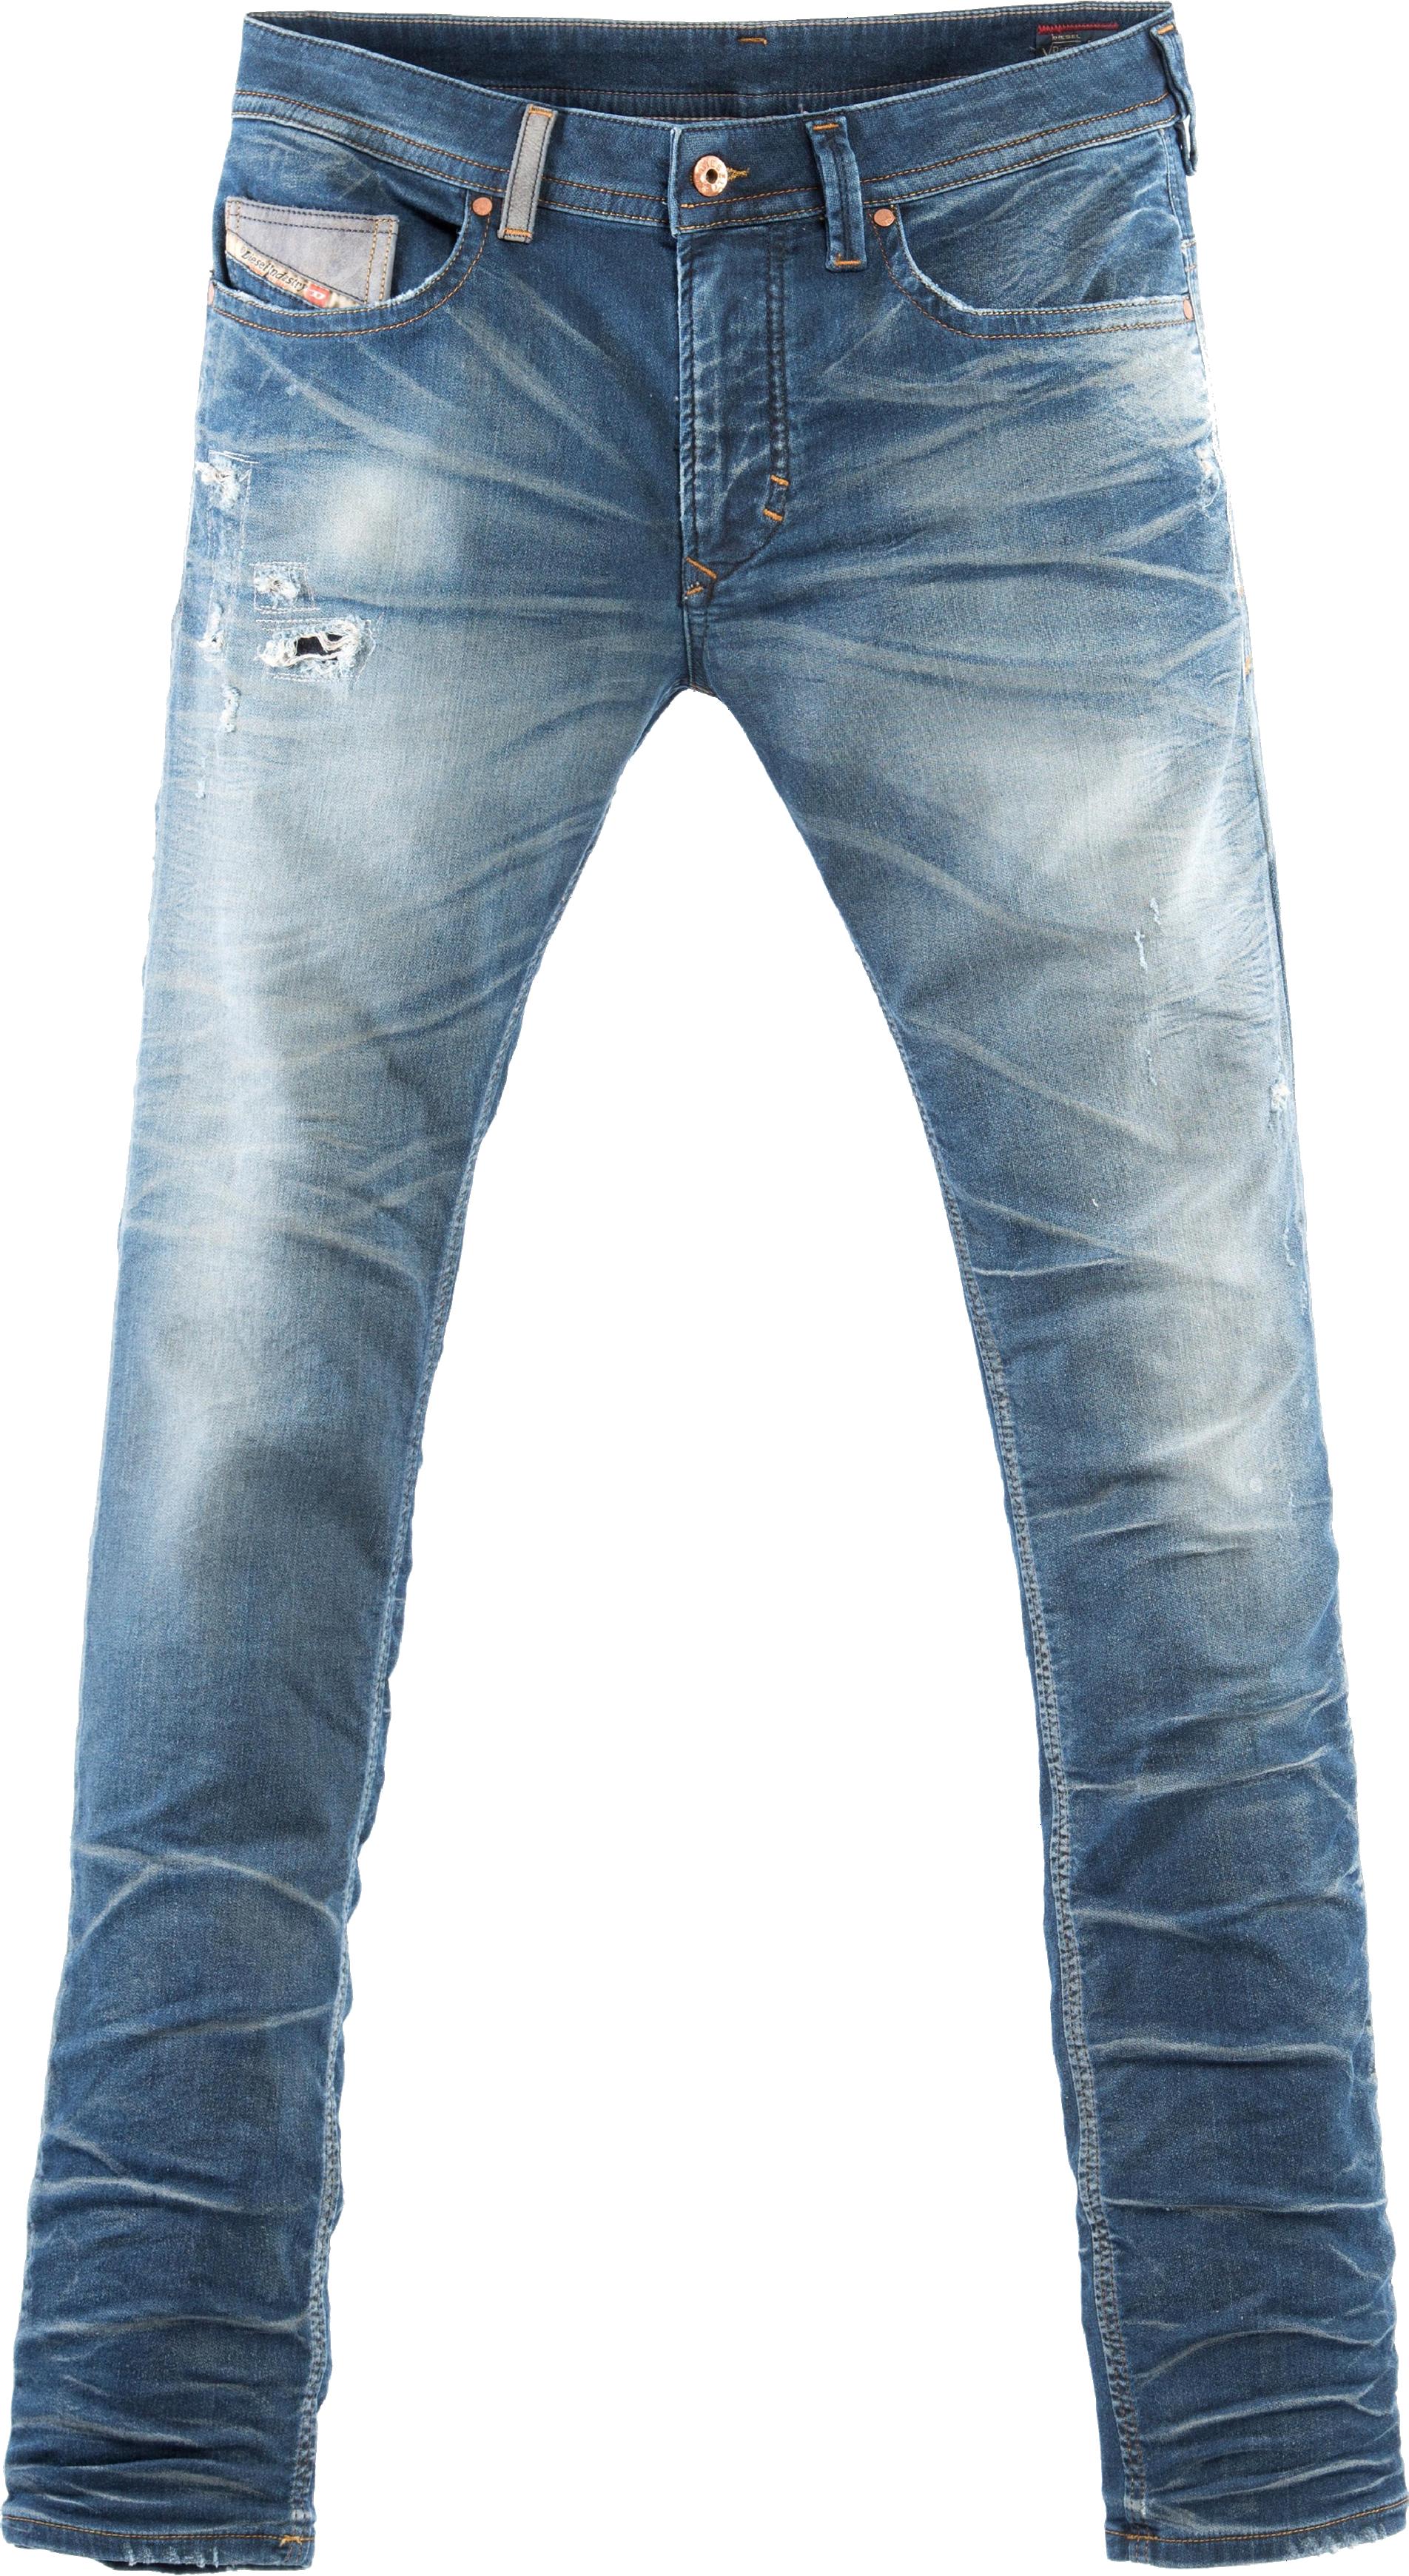 Denim clipart boy pants Download image Men's jeans PNG